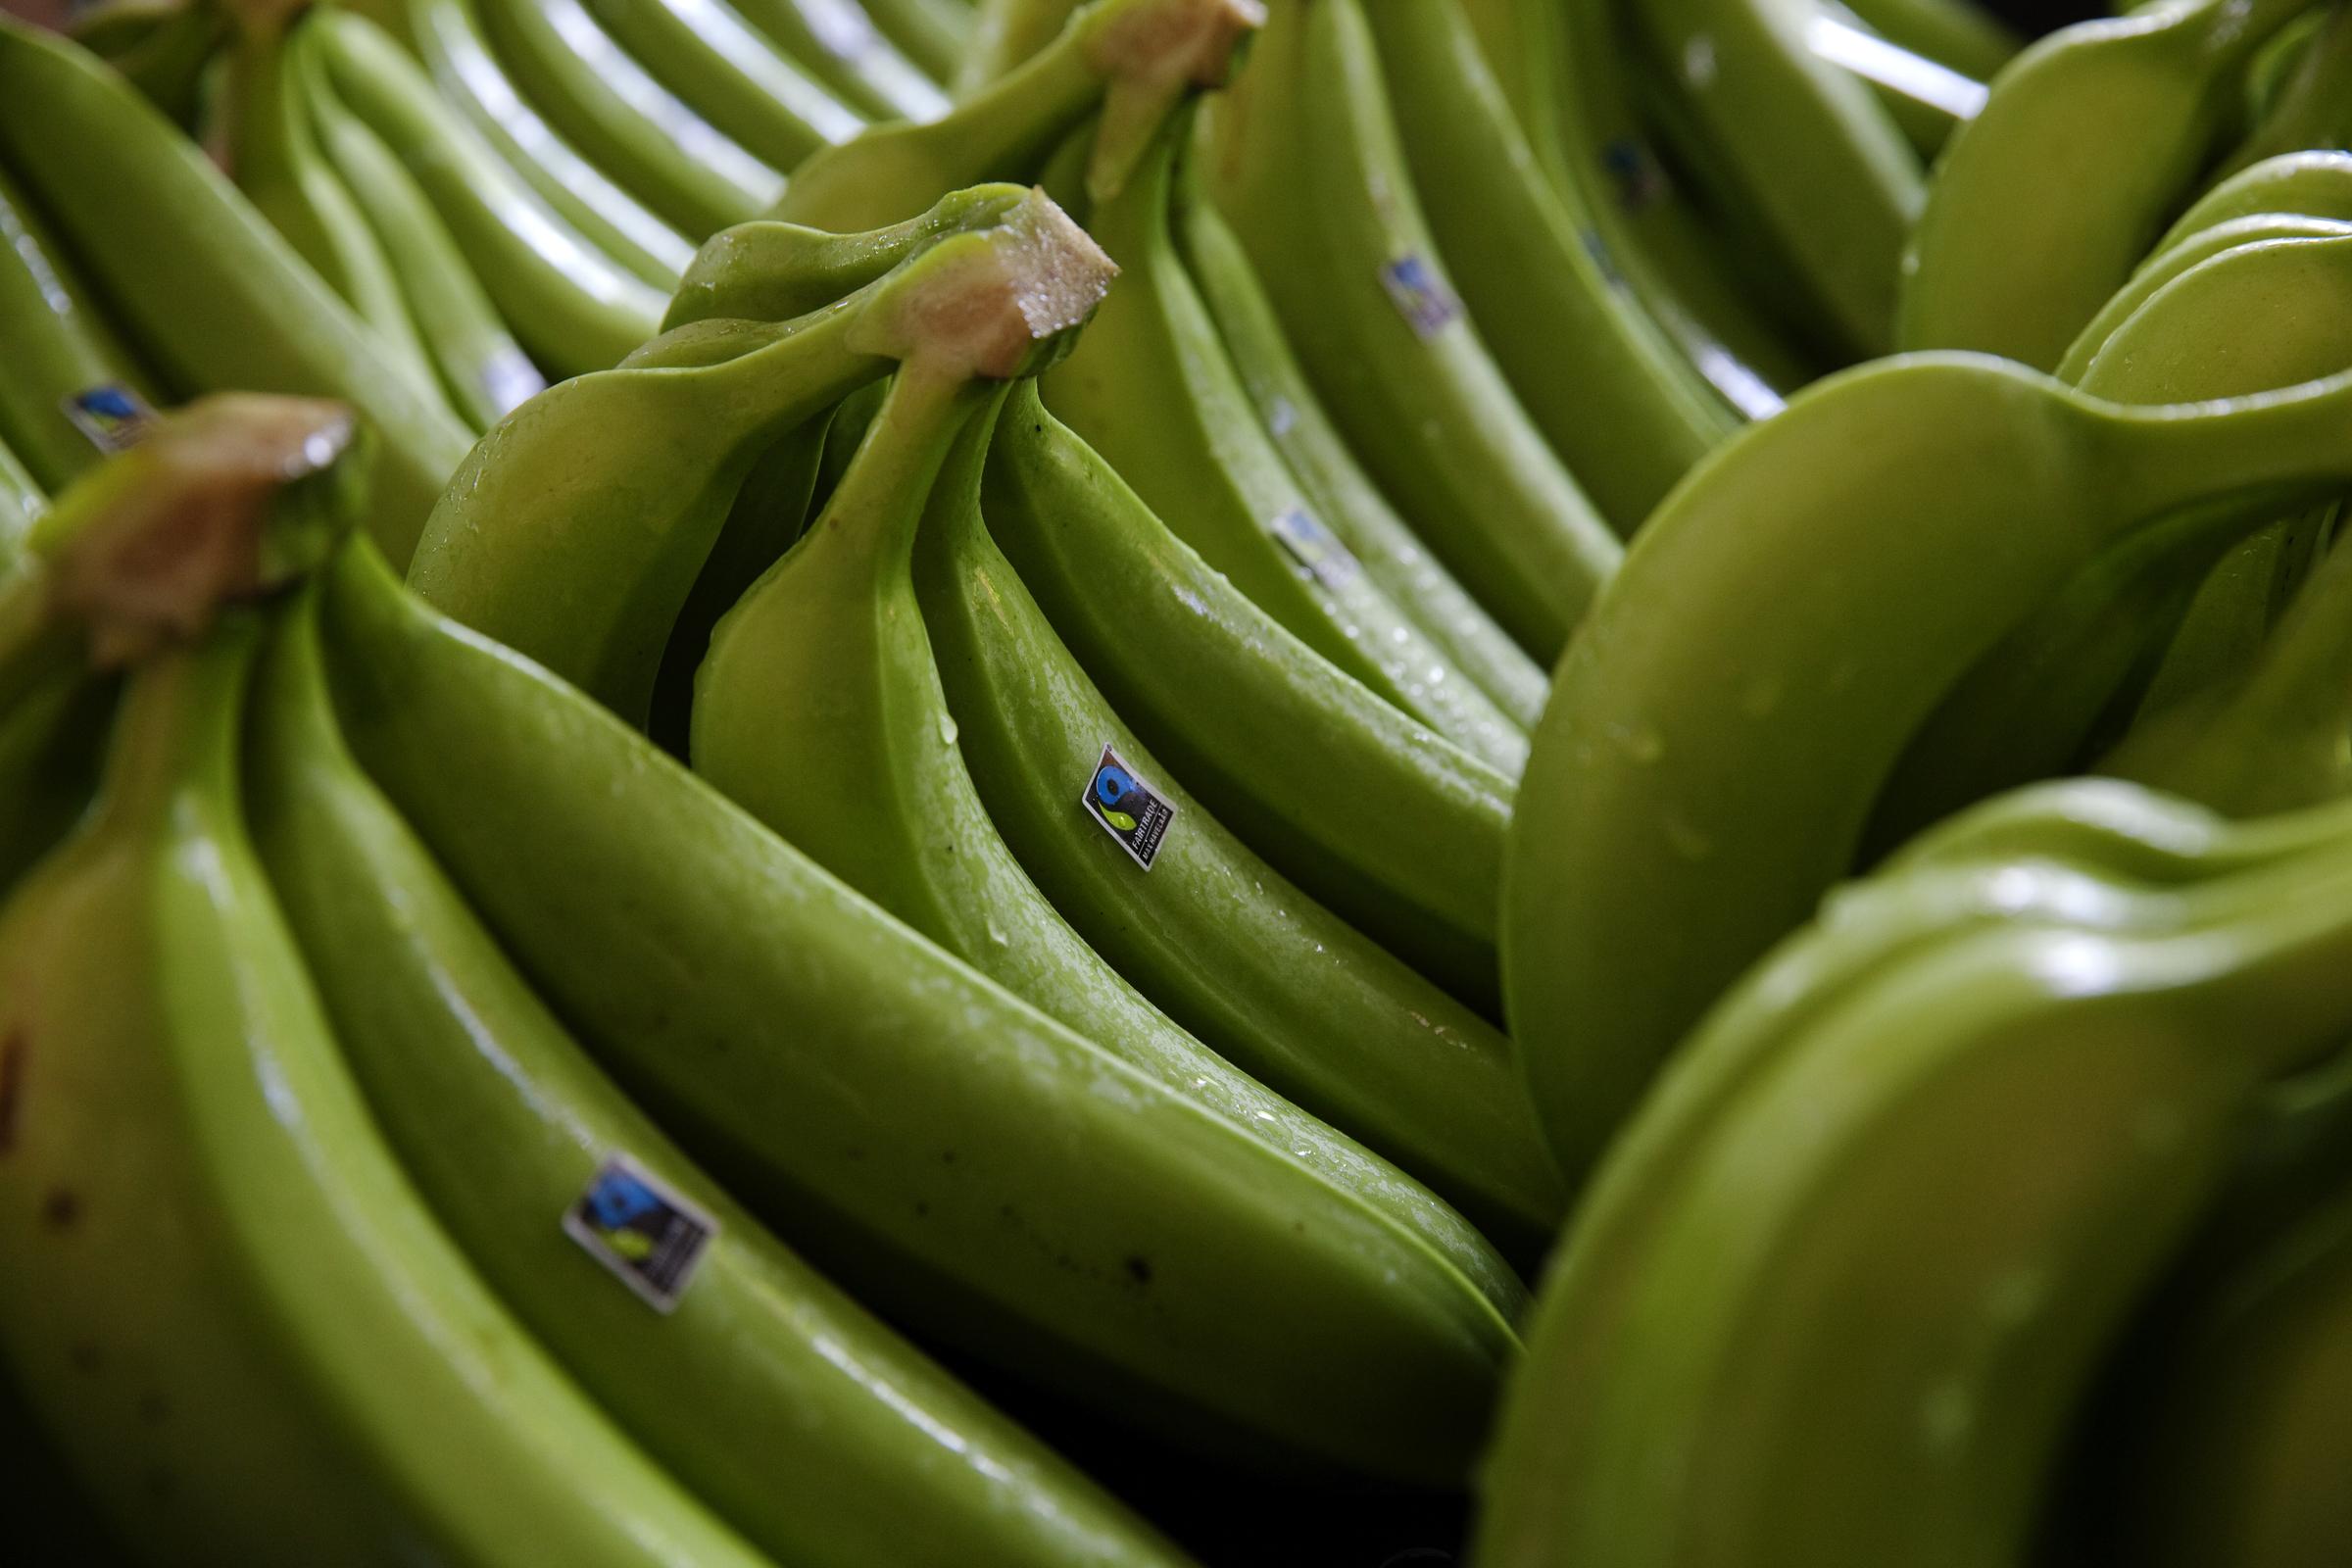 Dozens Of Boys Go Bananas For Bananas